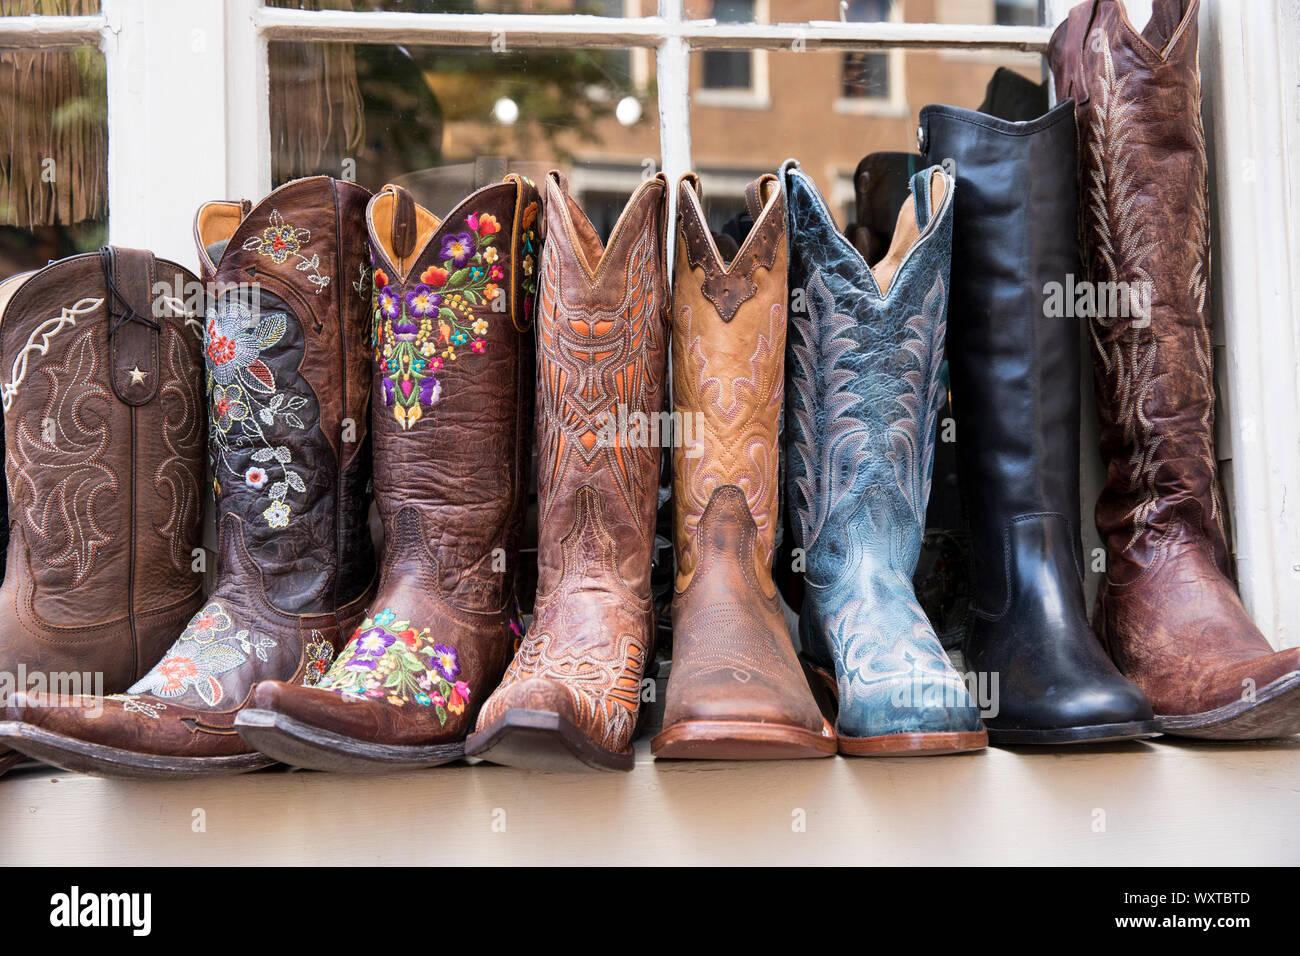 hot product exquisite design wide varieties Leather Cowboy Boots Photos & Leather Cowboy Boots Images ...